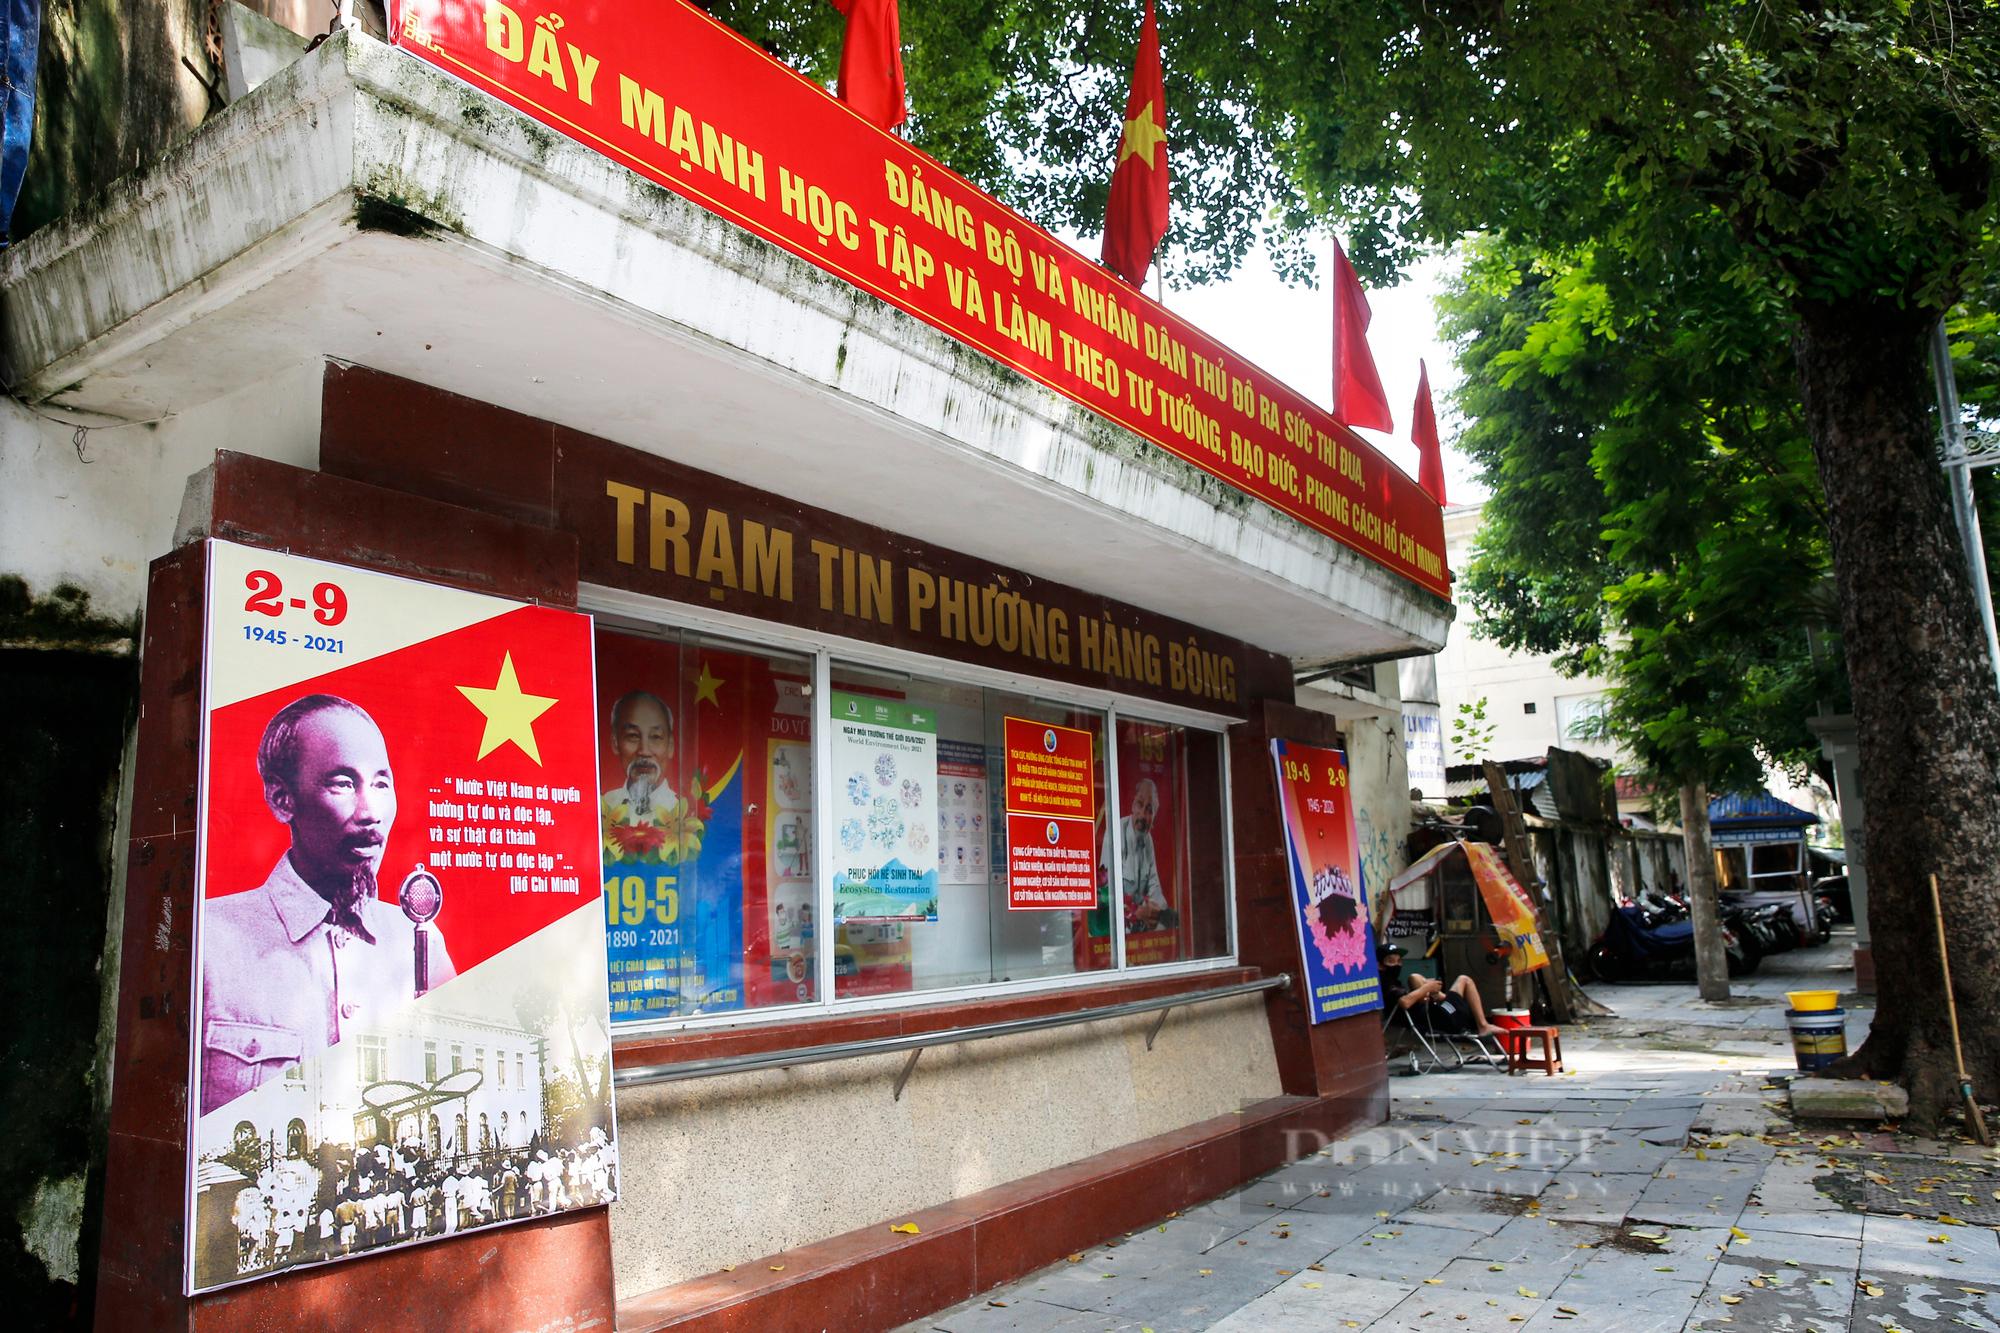 Đường phố Hà Nội rực rỡ sắc đỏ chào mừng Quốc khánh 2/9 - Ảnh 9.